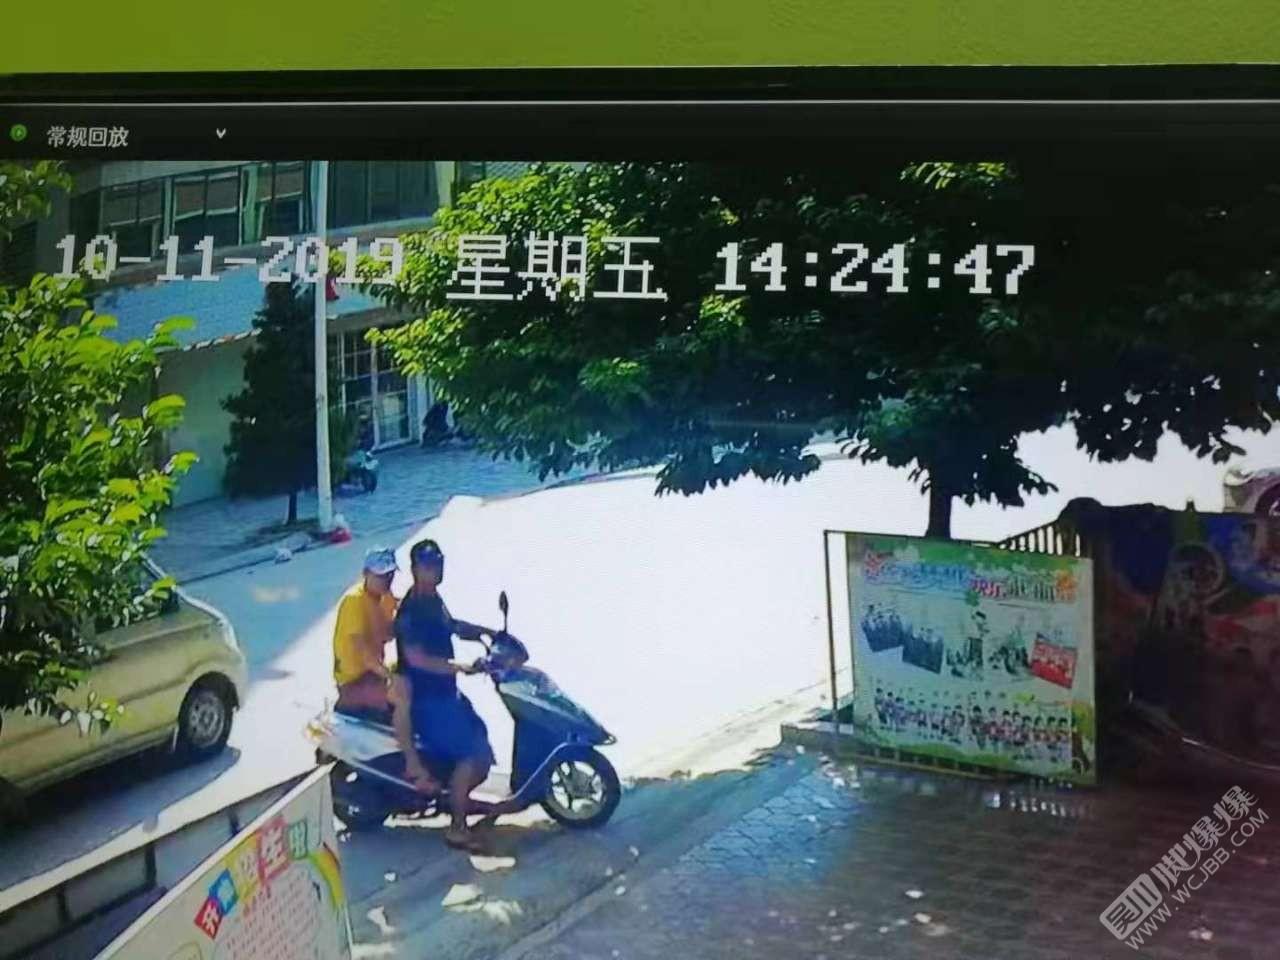 偷車賊偷了我同事的車,各位要留意戴口罩的陌生男子!